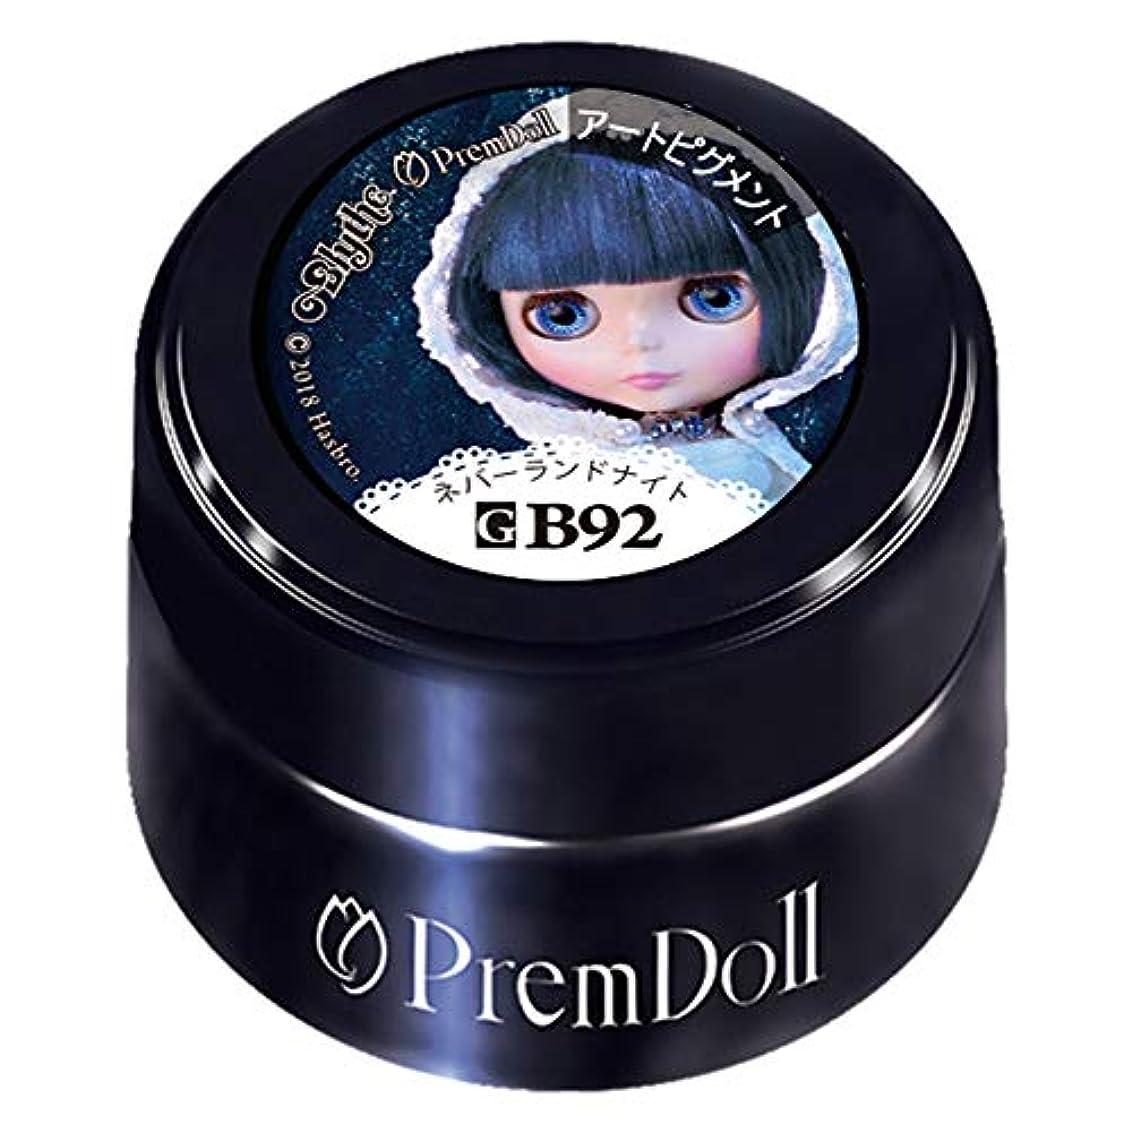 文庫本それにもかかわらず親指PRE GEL プリムドール ネバーランドナイト92 DOLL-B92 3g カラージェル UV/LED対応